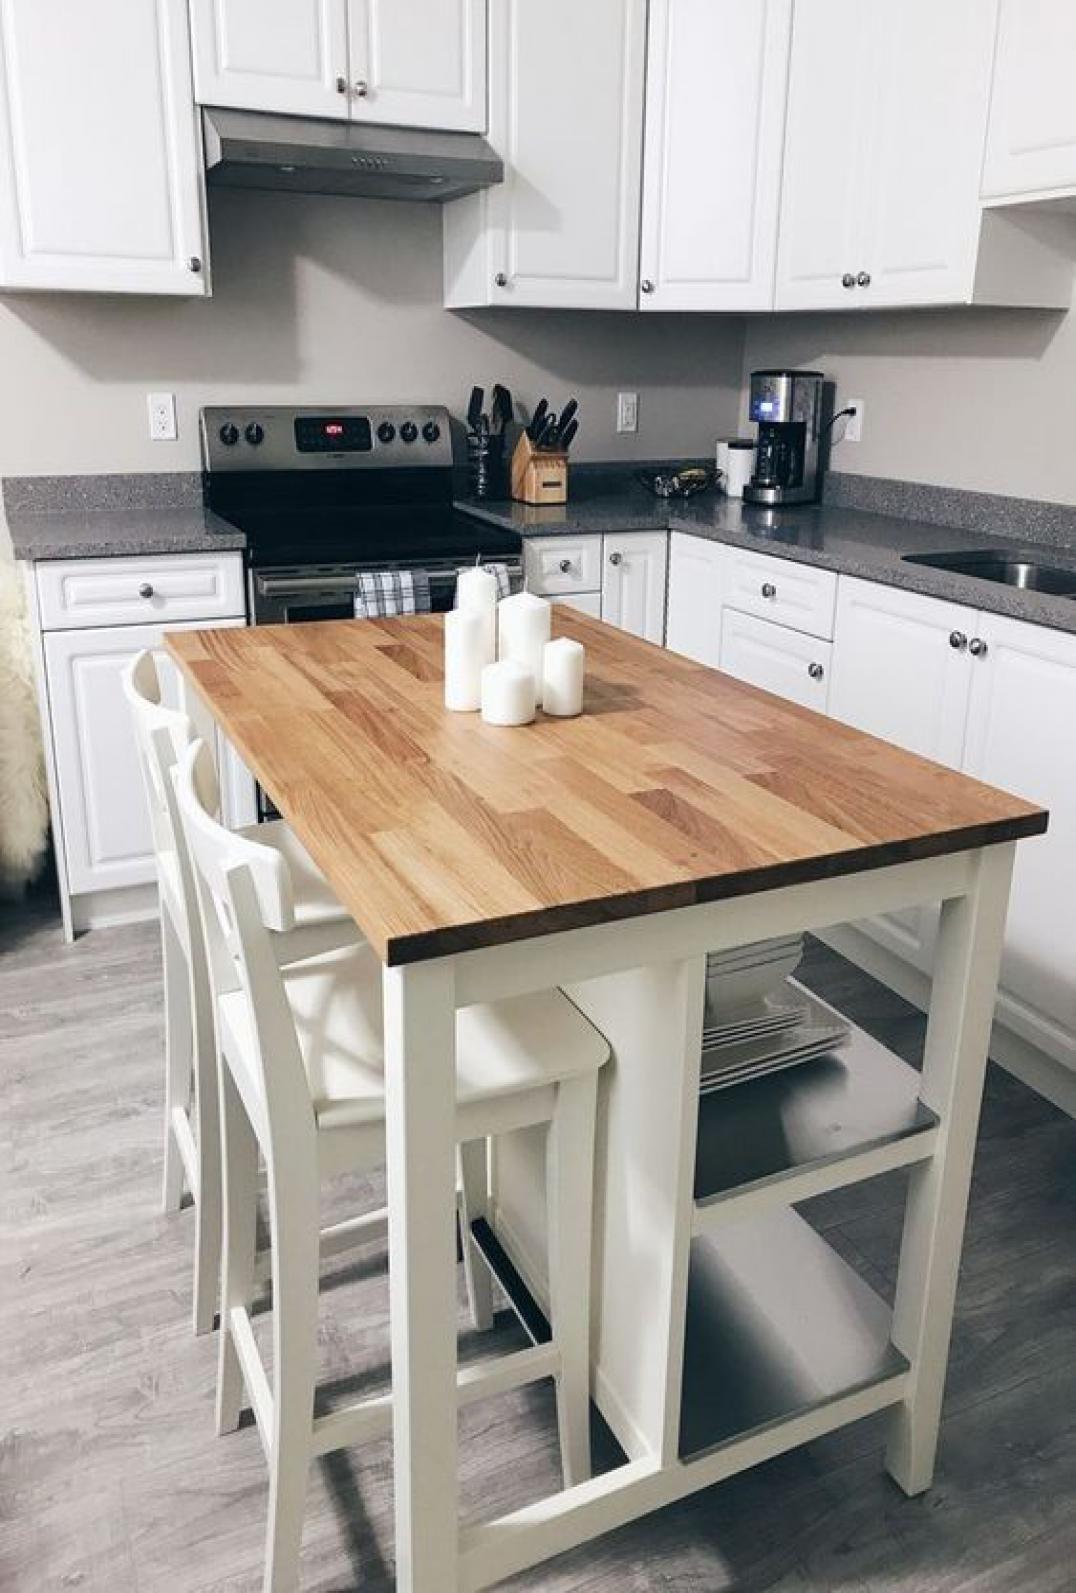 49 Gorgeous Farmhouse Gray Kitchen Cabinet Design Ideas Ikea Kitchen Island Kitchen Island With Seating Ikea Kitchen Island With Seating